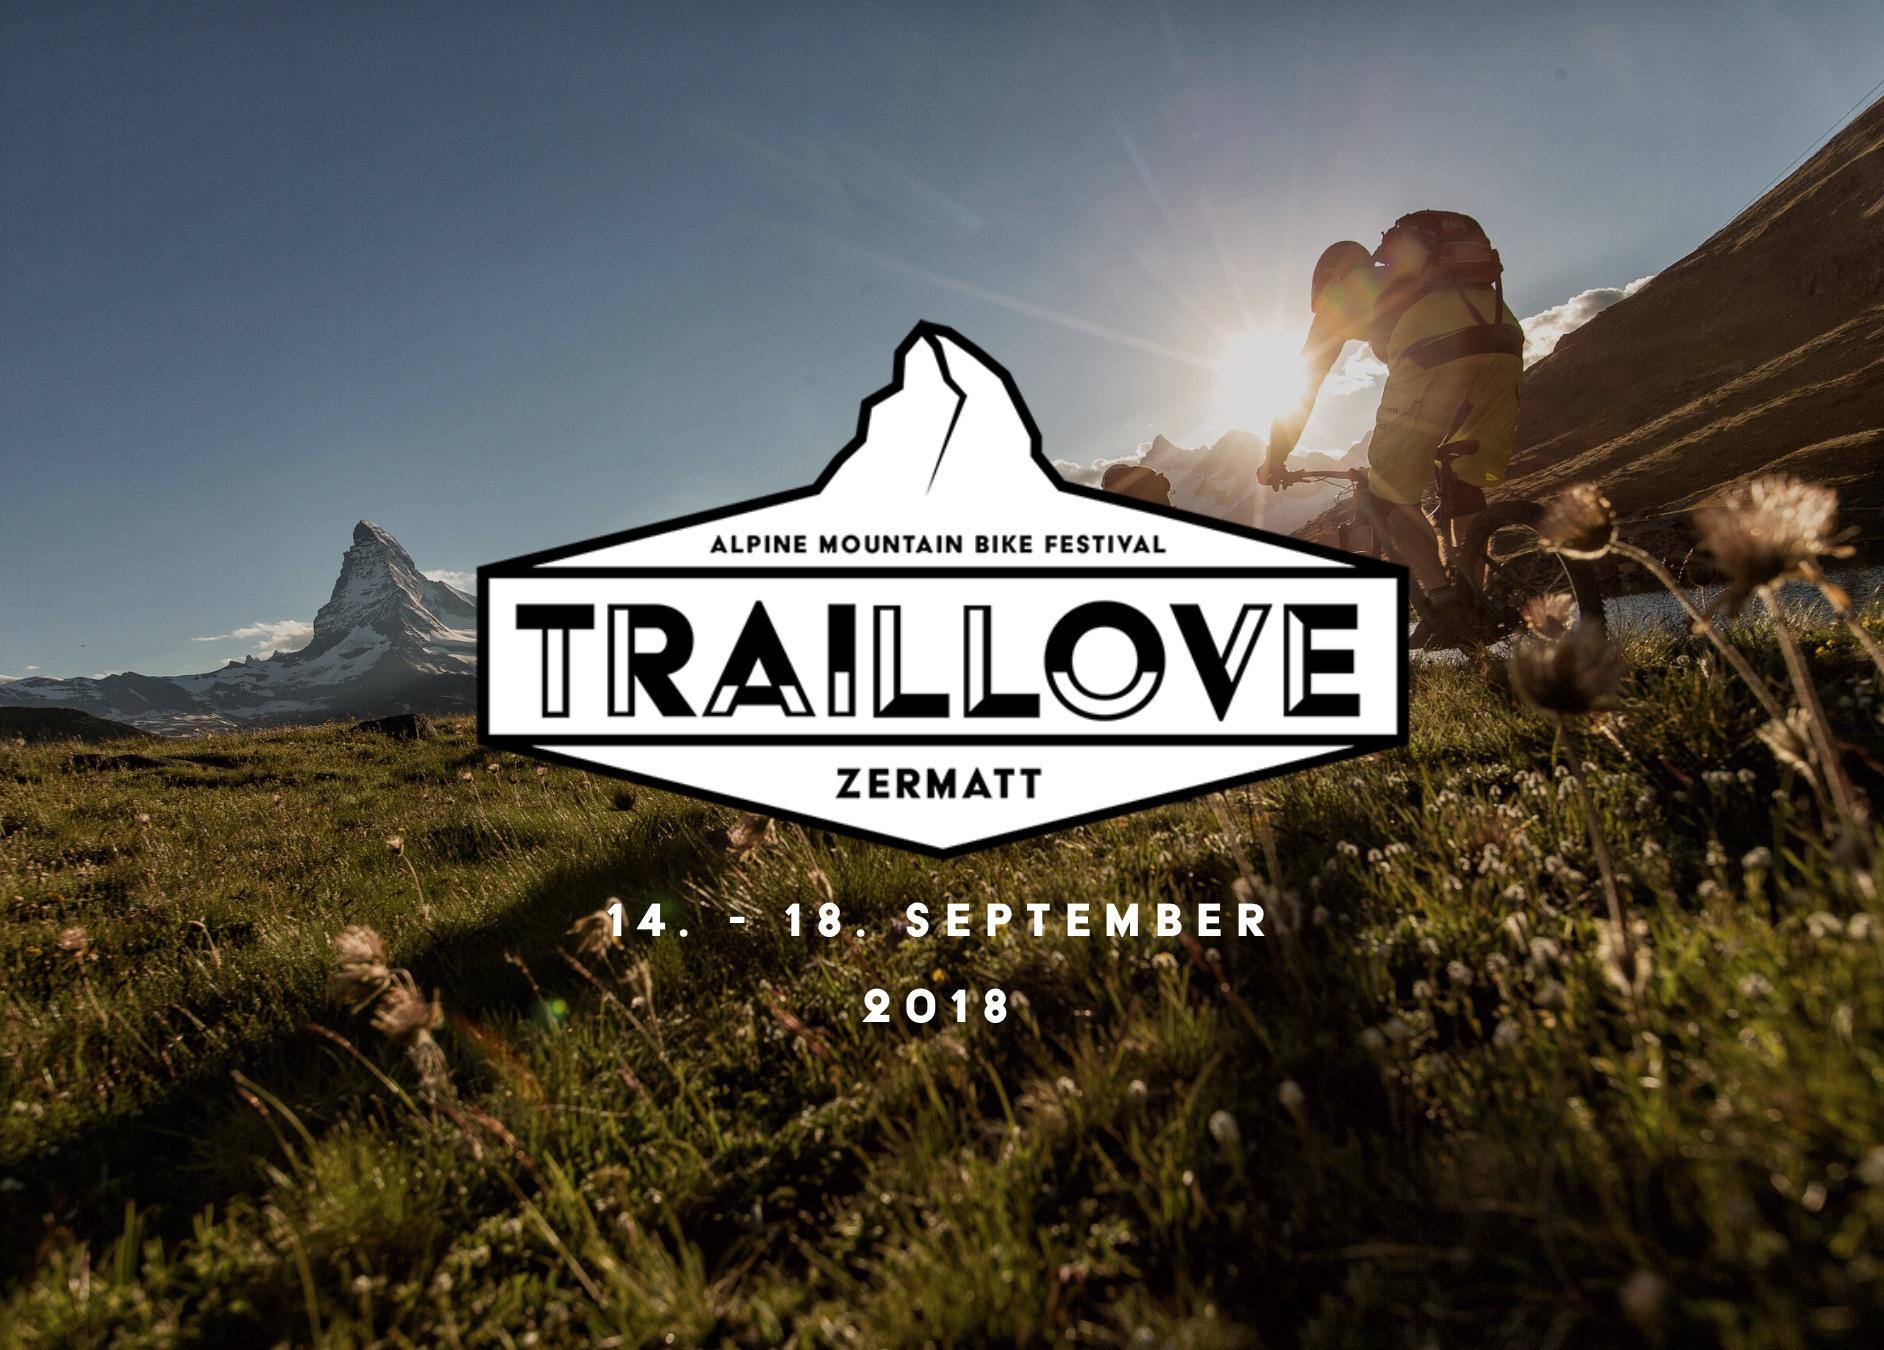 Traillove Festival Zermatt:14. - 18. Sept. '18 - Wir freuen uns, euch das 1. Traillove Festival der Alpen anzukünden und sind stolz, Partner und Unterstützer dieses einzigartigen Anlasses zu sein!Es richtet sich an alle Mountainbike Enthusiasten, Profi-Athleten, die Bike-Industrie und alle anderen die gerne auf zwei Rädern die schönen Trails der Alpen entdecken wollen. Schaut auch das vielseitige Programm an und seid dabei - es wird garantiert funky! ☀️🚵🏼🤘🏼🍻Alle Infos zu Events (Enduro Continental Cup/Helveti'cup, Swiss Epic) & Aktivitäten wie gratis geführten Touren, E-MTB Taste Tour, Lady's Trail Specials, Partys etc. unter:> www.traillove.bike <